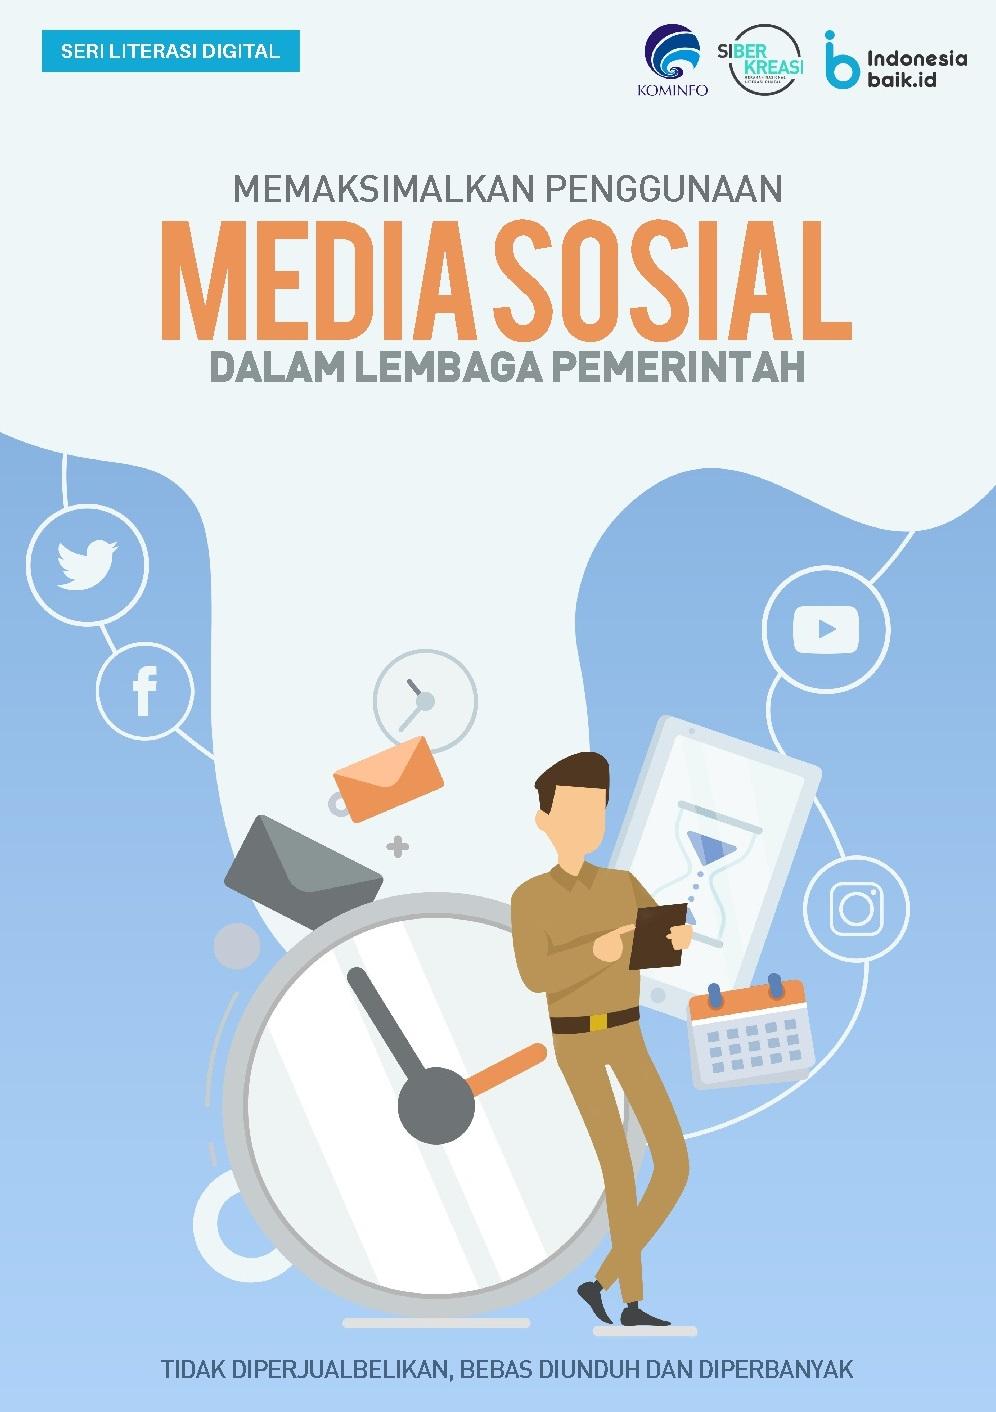 Memaksimalkan Penggunaan Media Sosial dalam Lembaga Pemerintah